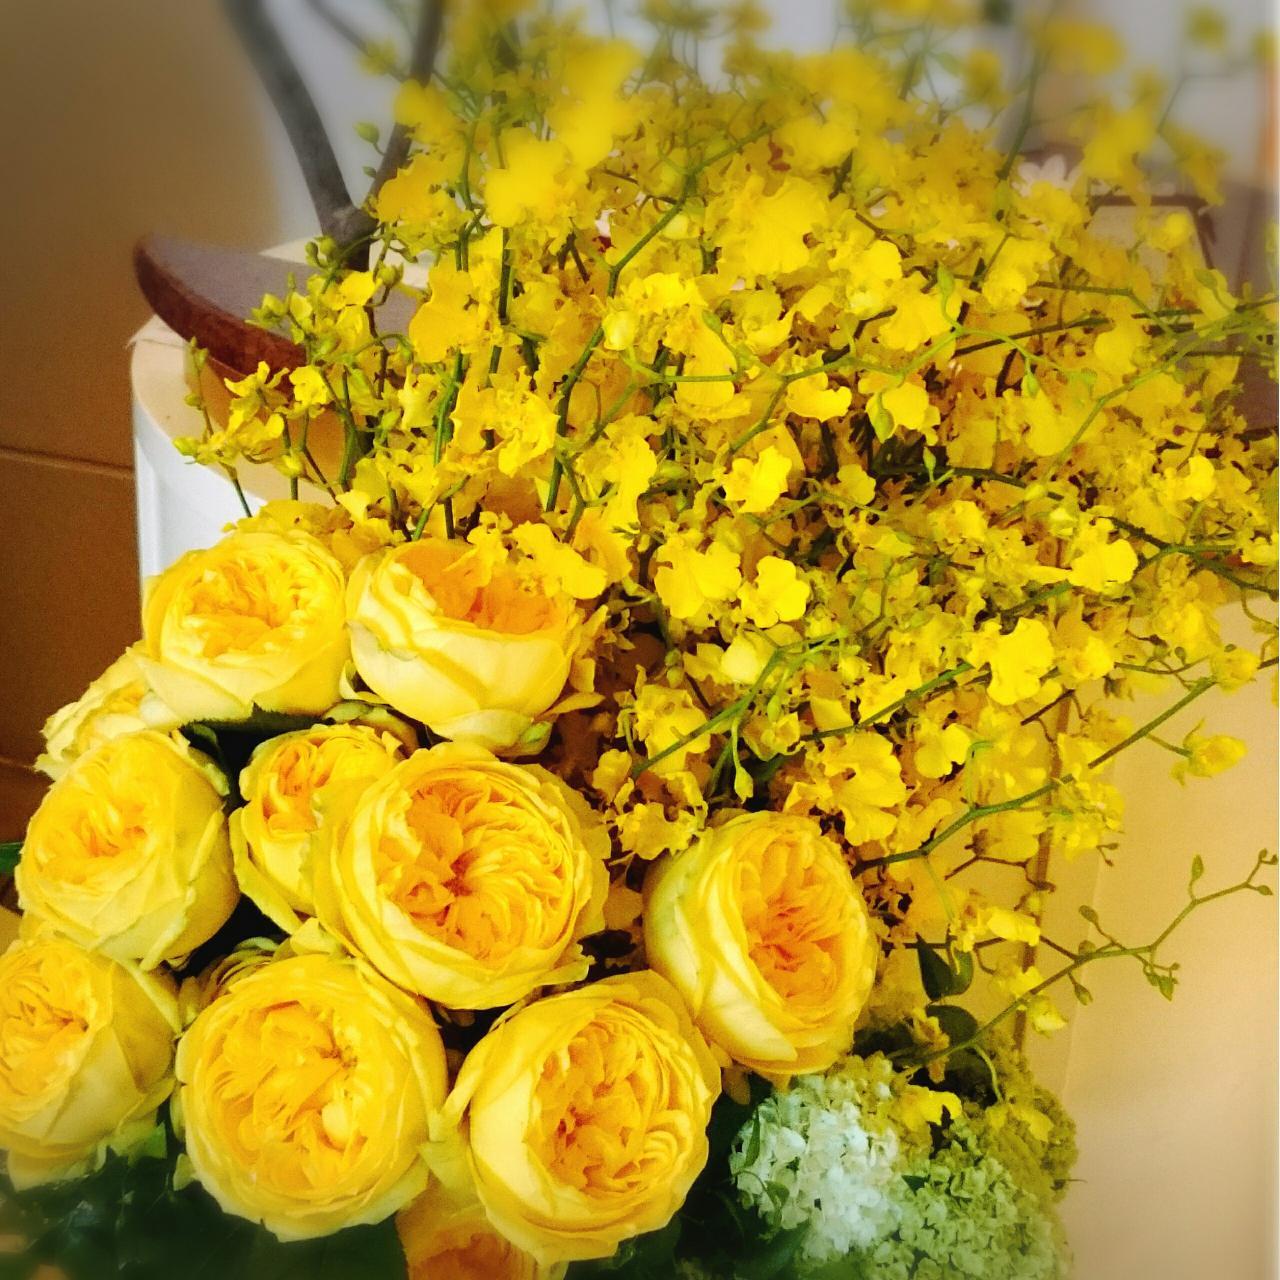 ورد اصفر طبيعي انواع ورود مختلفه تحمل اللون الاصفر دموع جذابة